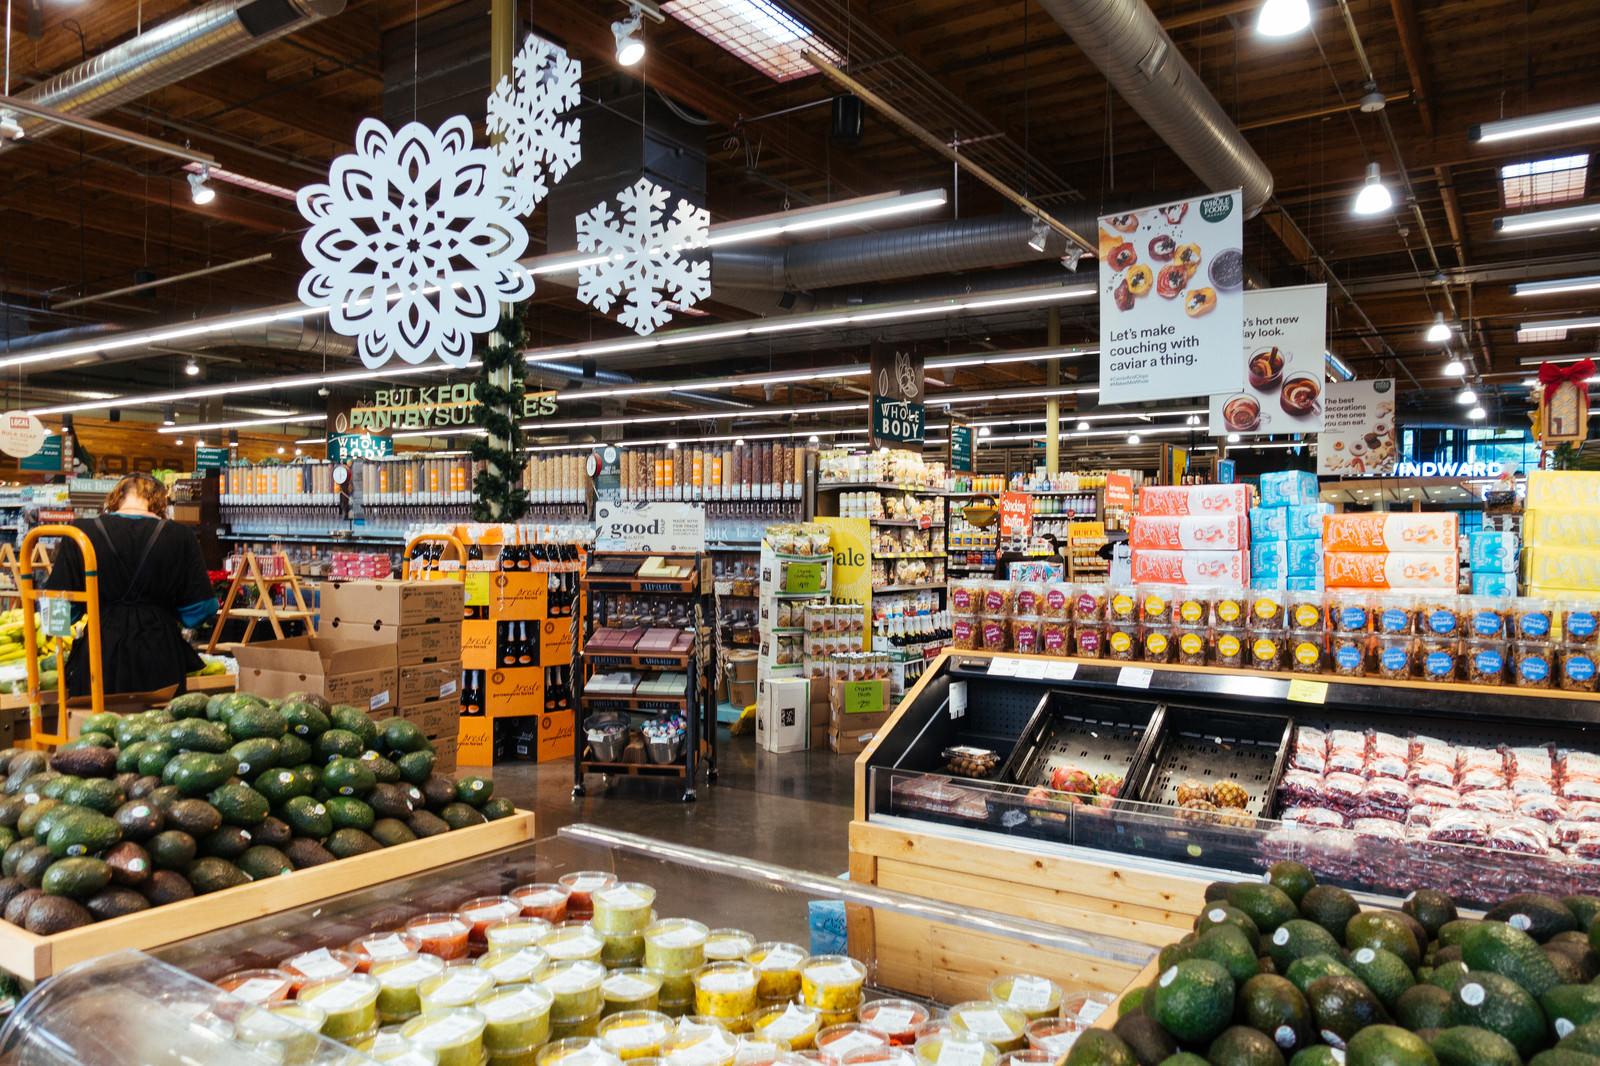 「迷子になりそうなほど広い海外のスーパーマーケット」の写真